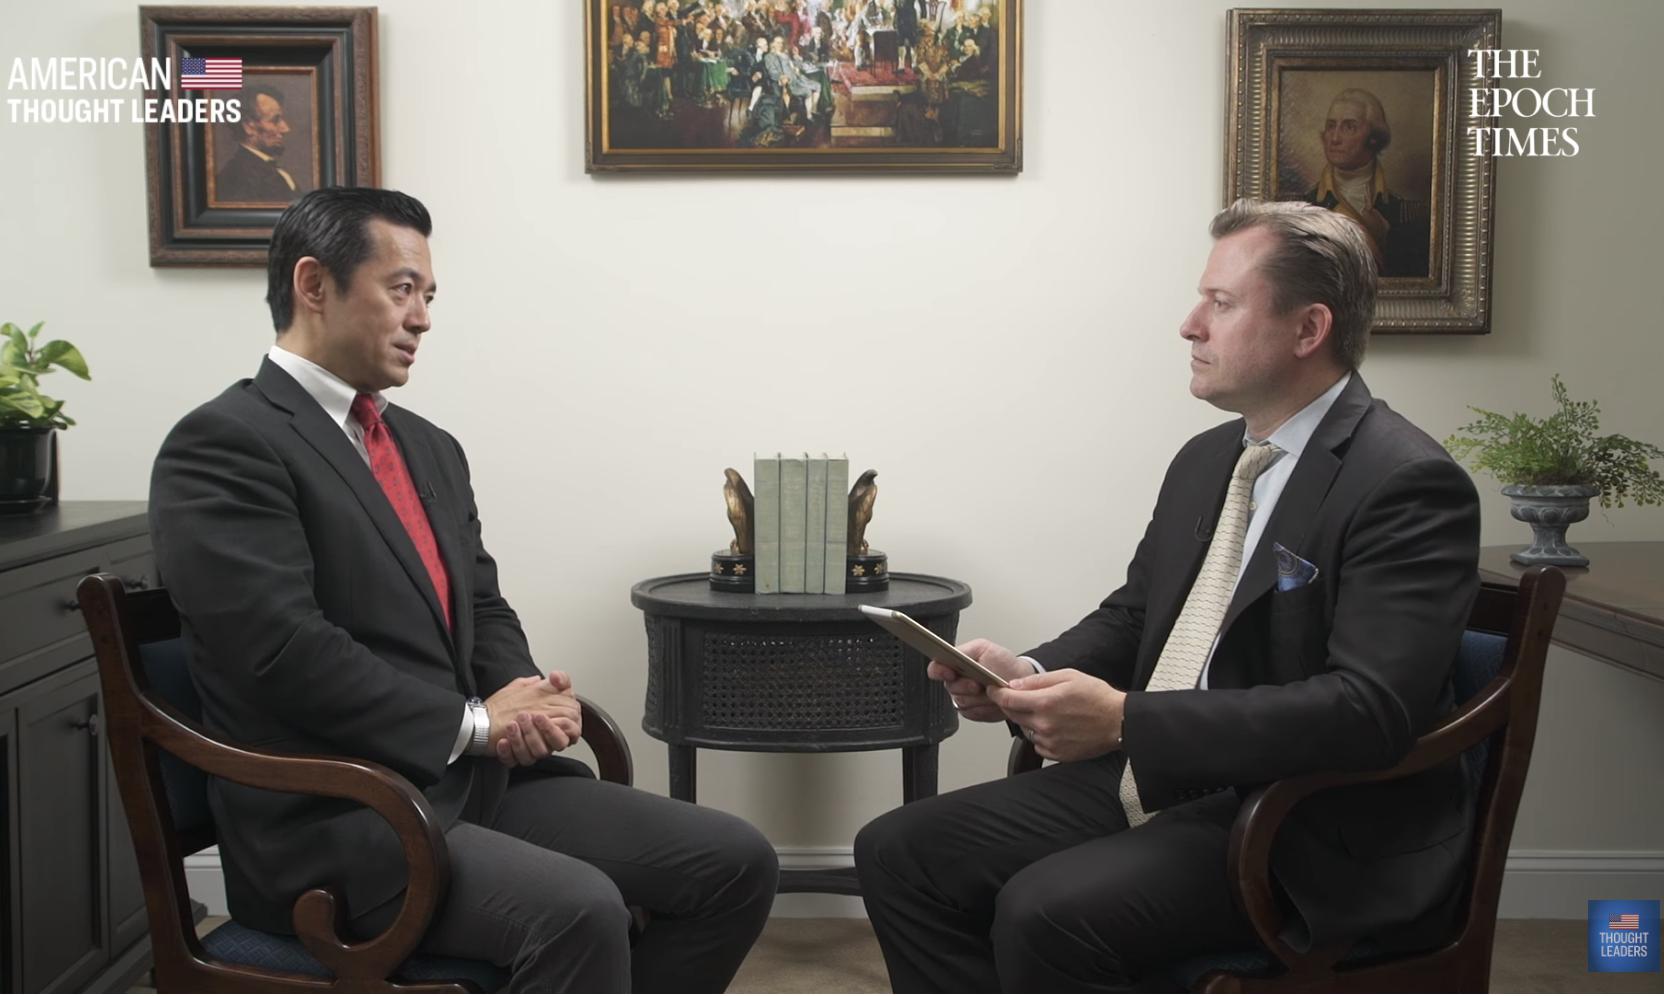 英文大紀元資深記者揚‧耶凱利克(Jan Jekielek)在 「美國思想領袖」(American Thought Leaders)系列節目中,對日本保守聯盟(JCU)主席艾巴先生(Jay Aeba)進行了專訪。(影片截圖)